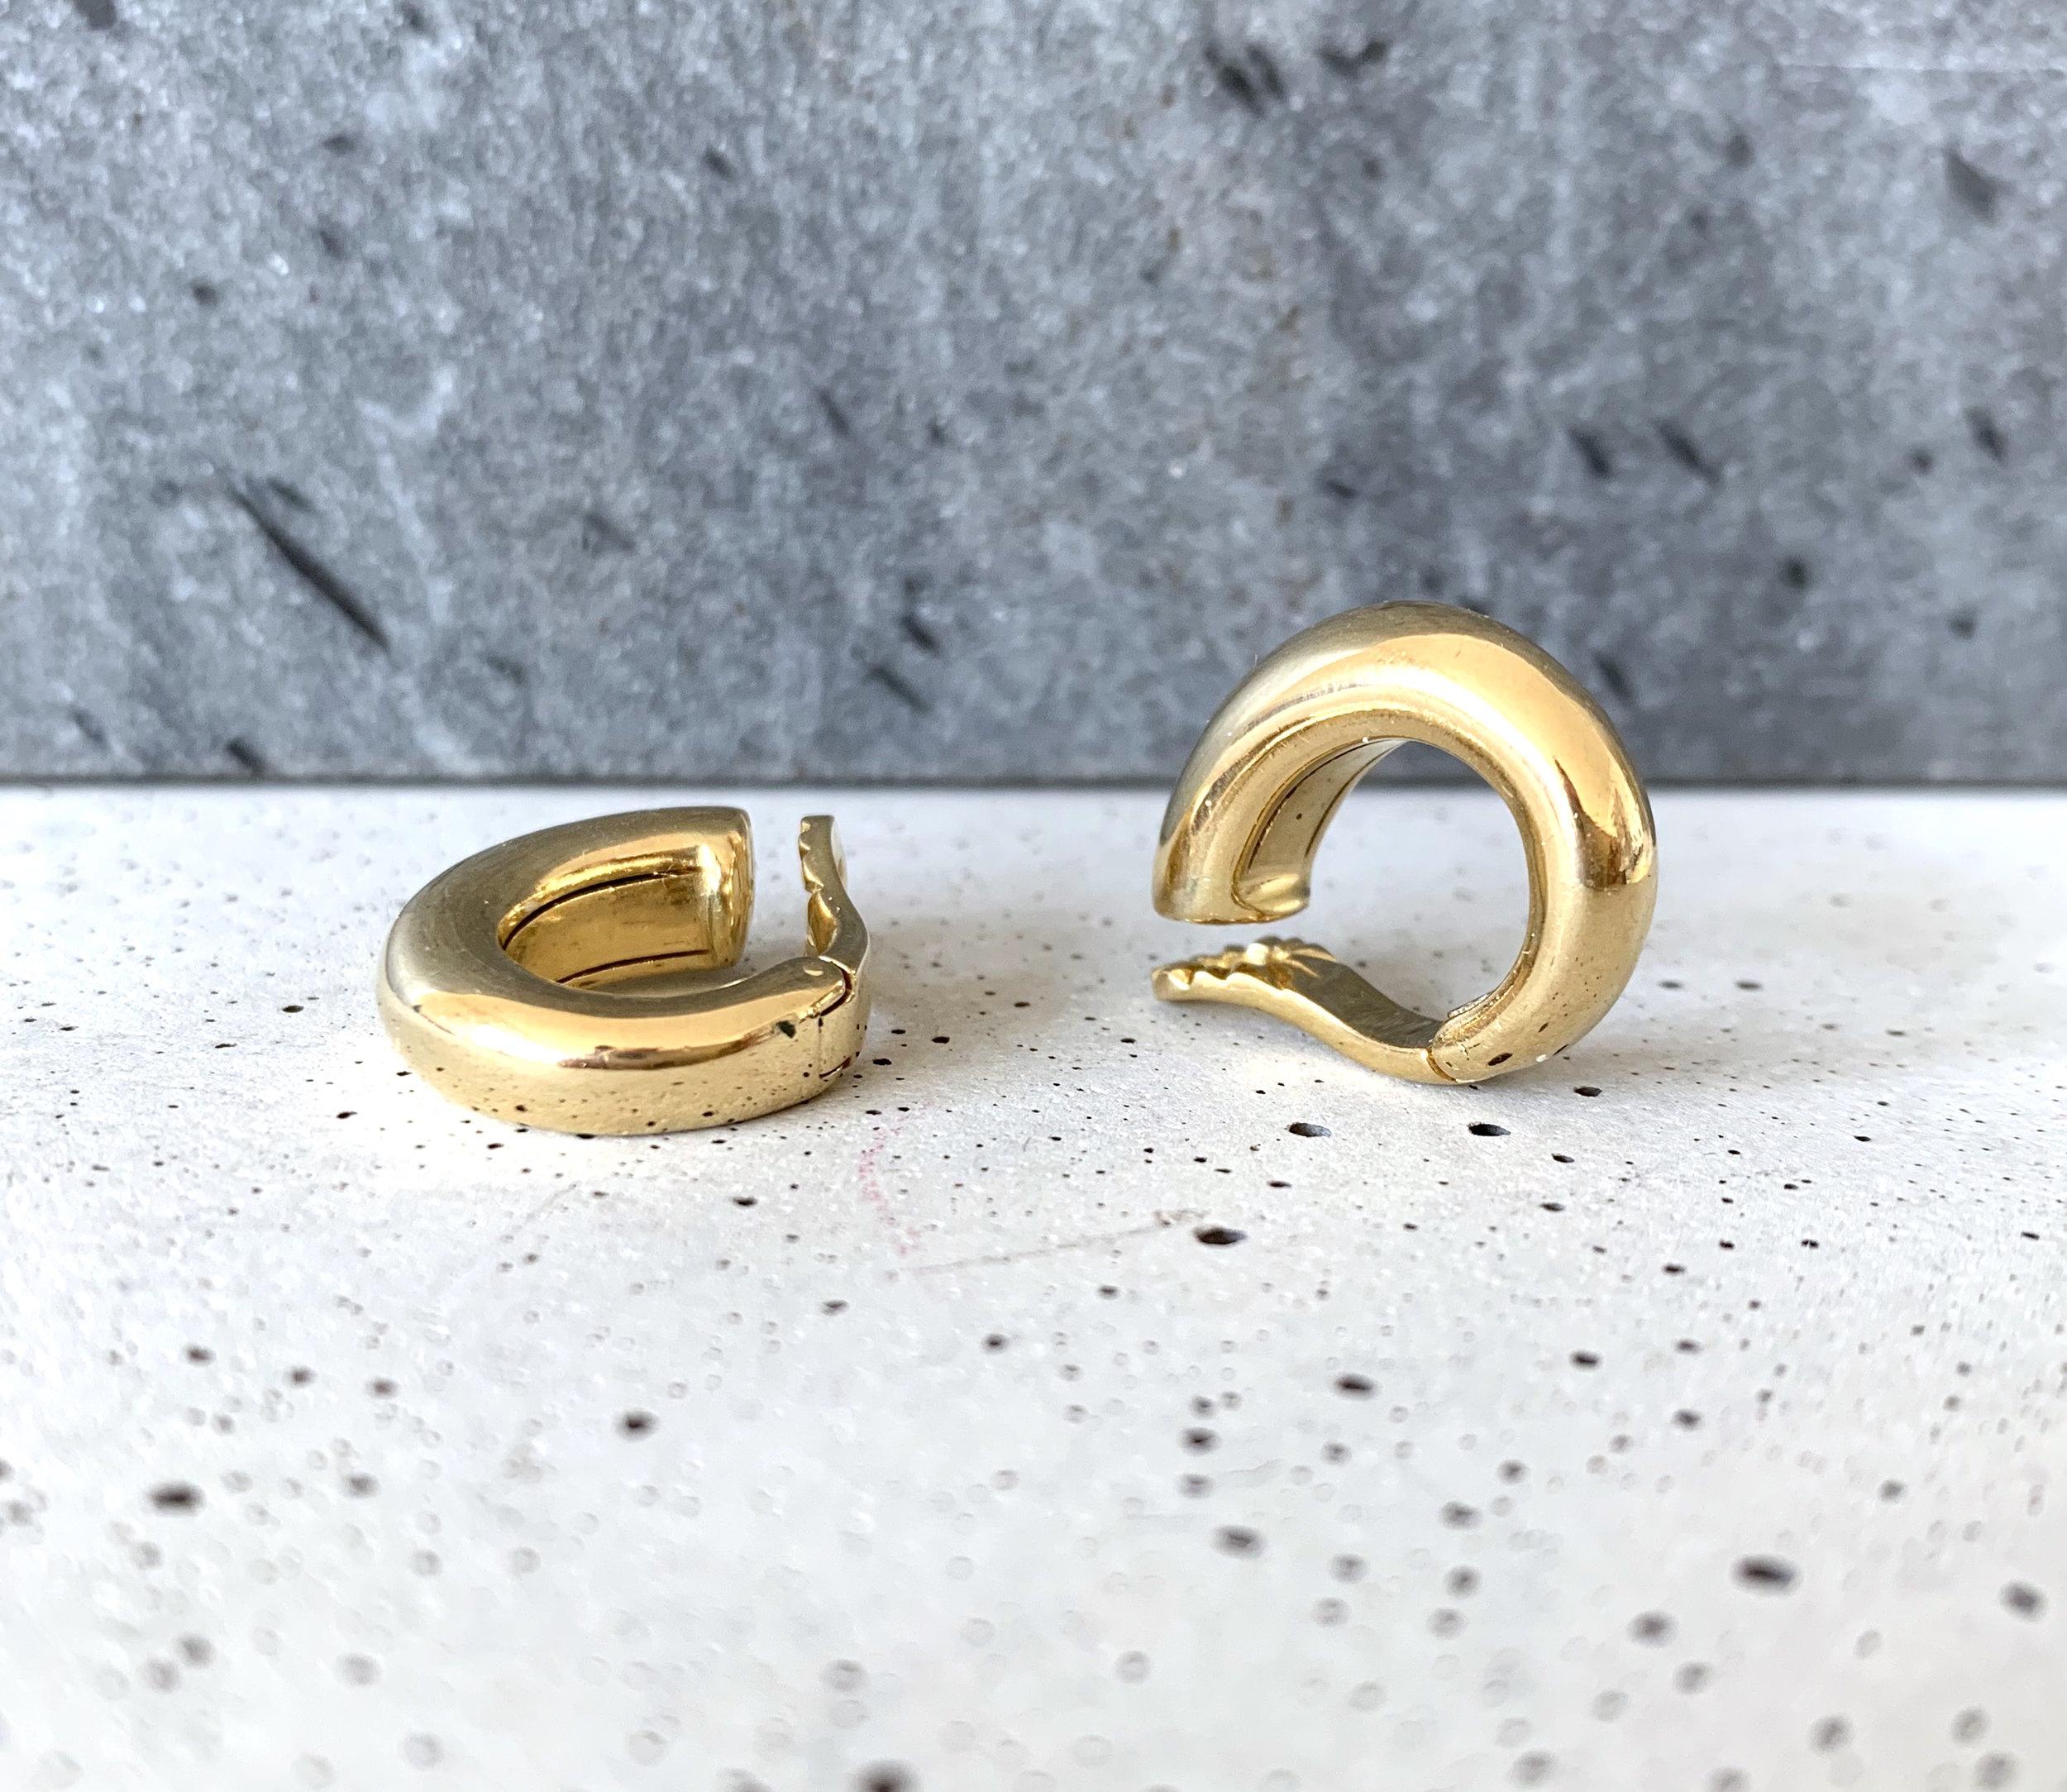 bas prix cc621 1755f Piaget, Créoles en or jaune pour oreilles non percées — Bijoux Anciens  Paris : E-shop de Bijoux Anciens & Vintage de luxe